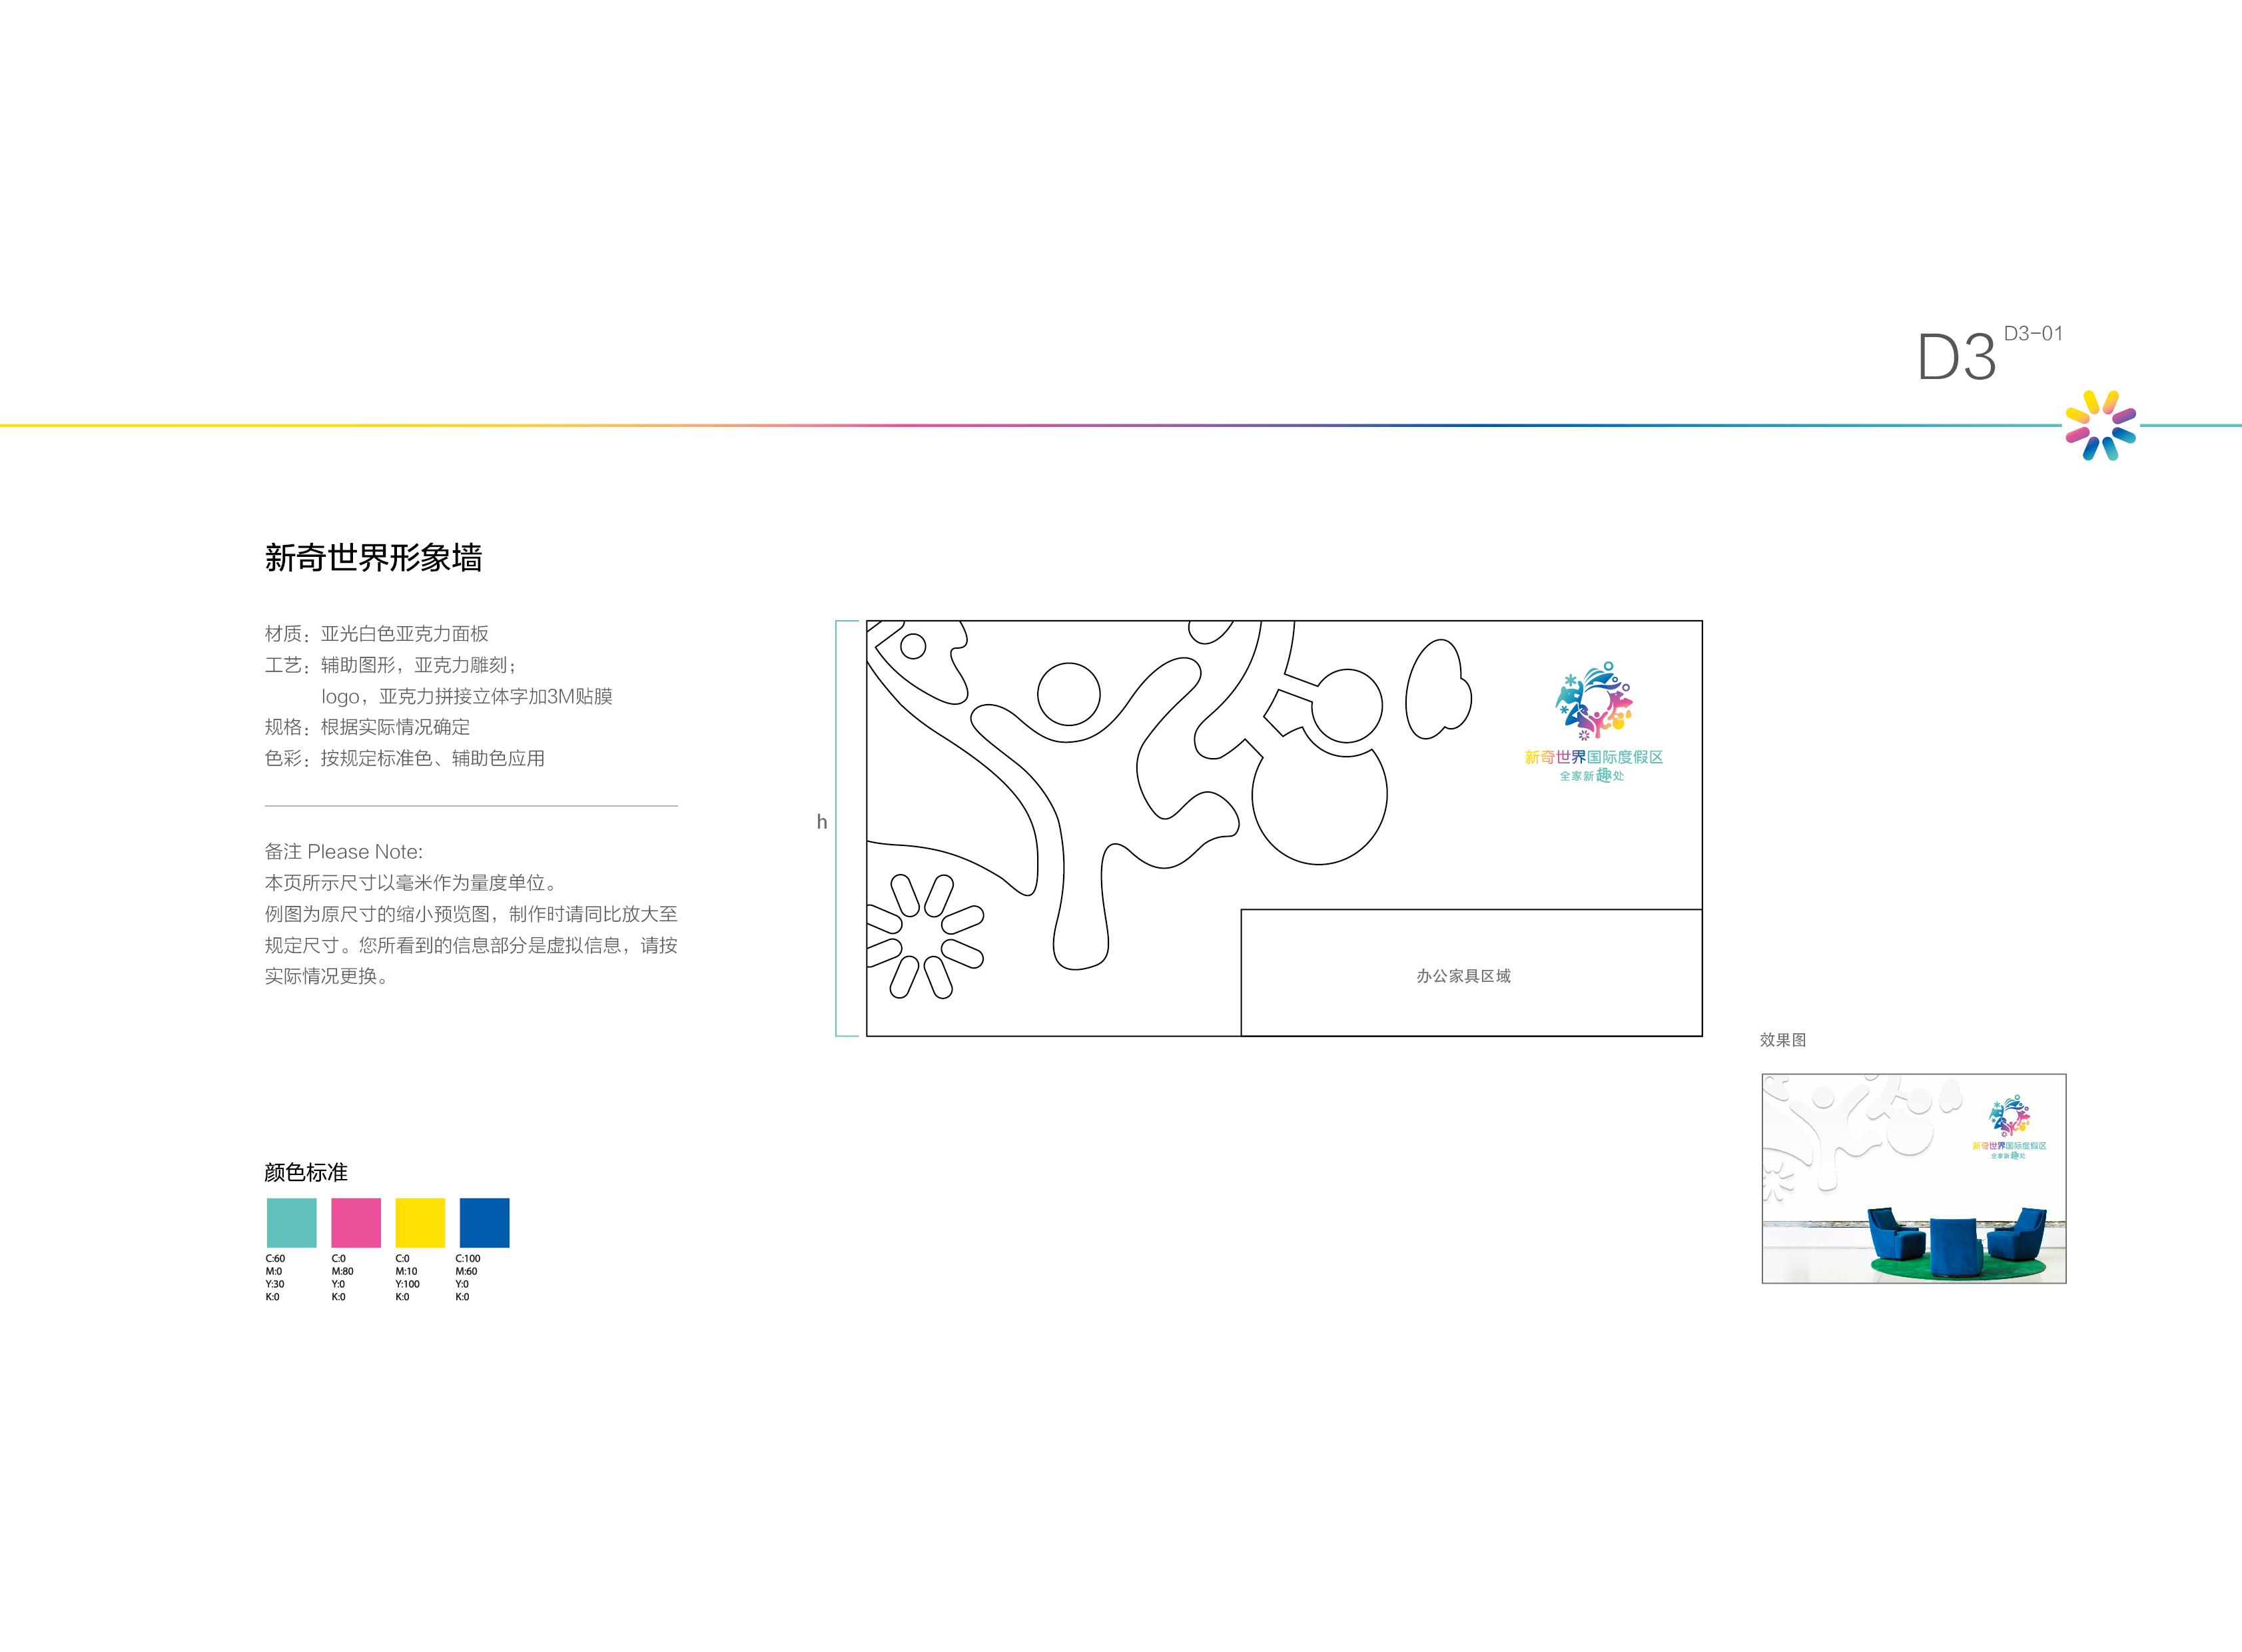 D3 品牌形象墙.jpg